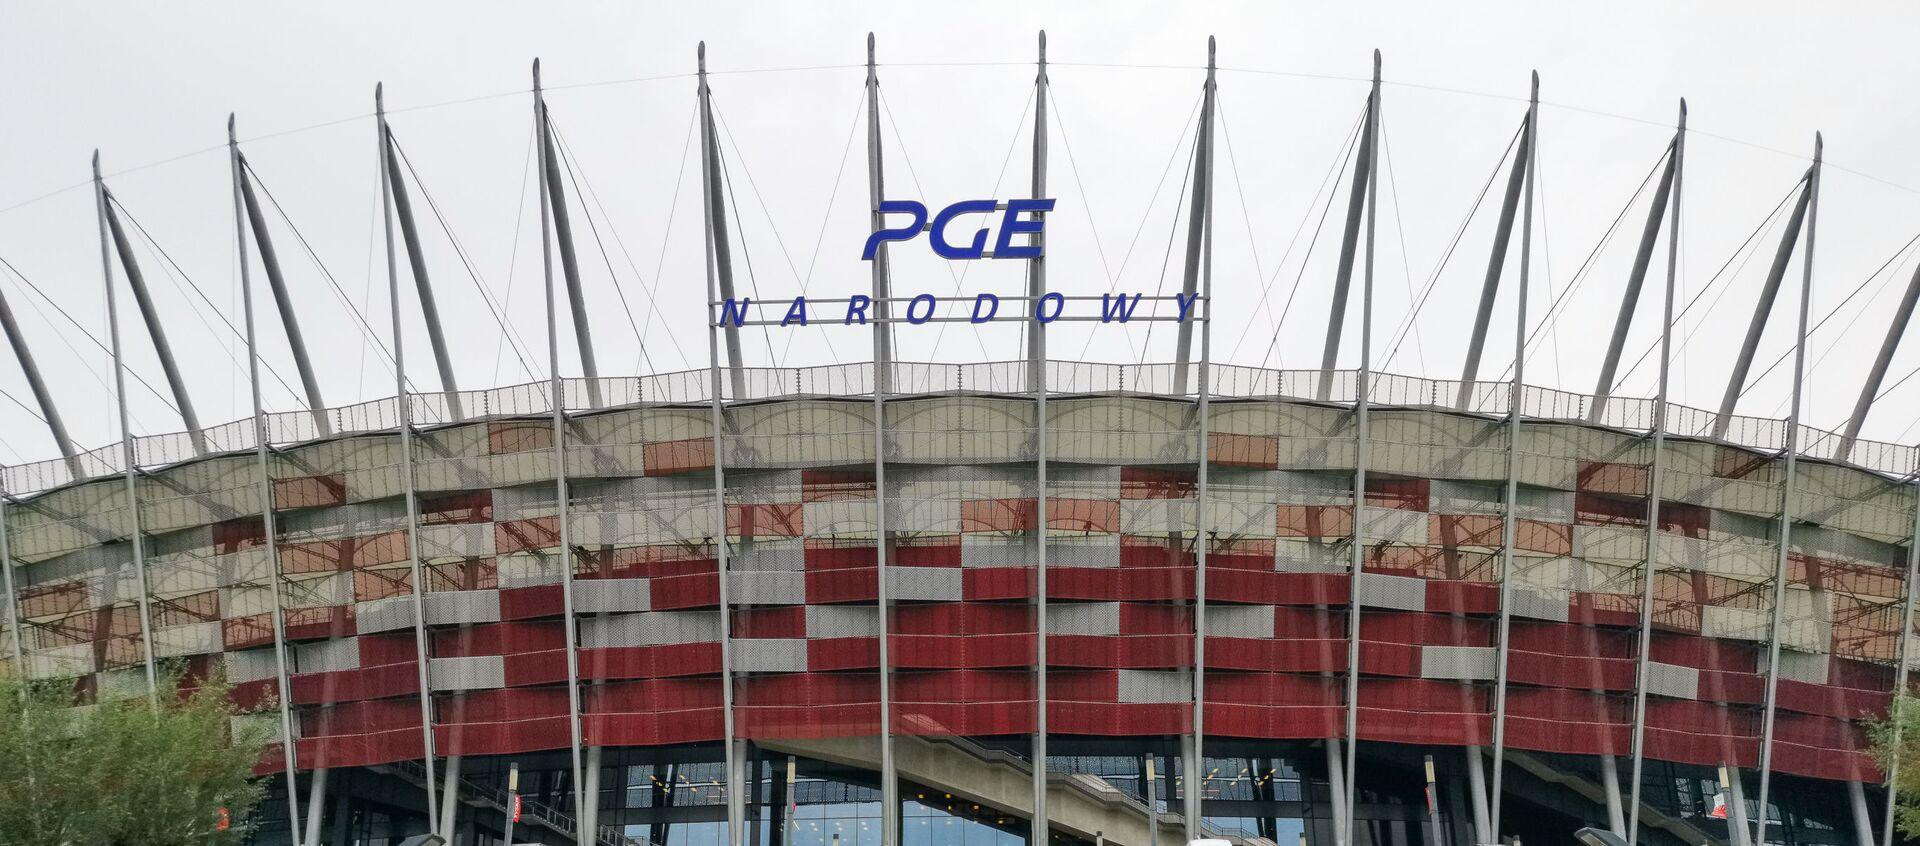 Stadion Narodowy w Warszawie - Sputnik Polska, 1920, 11.11.2020